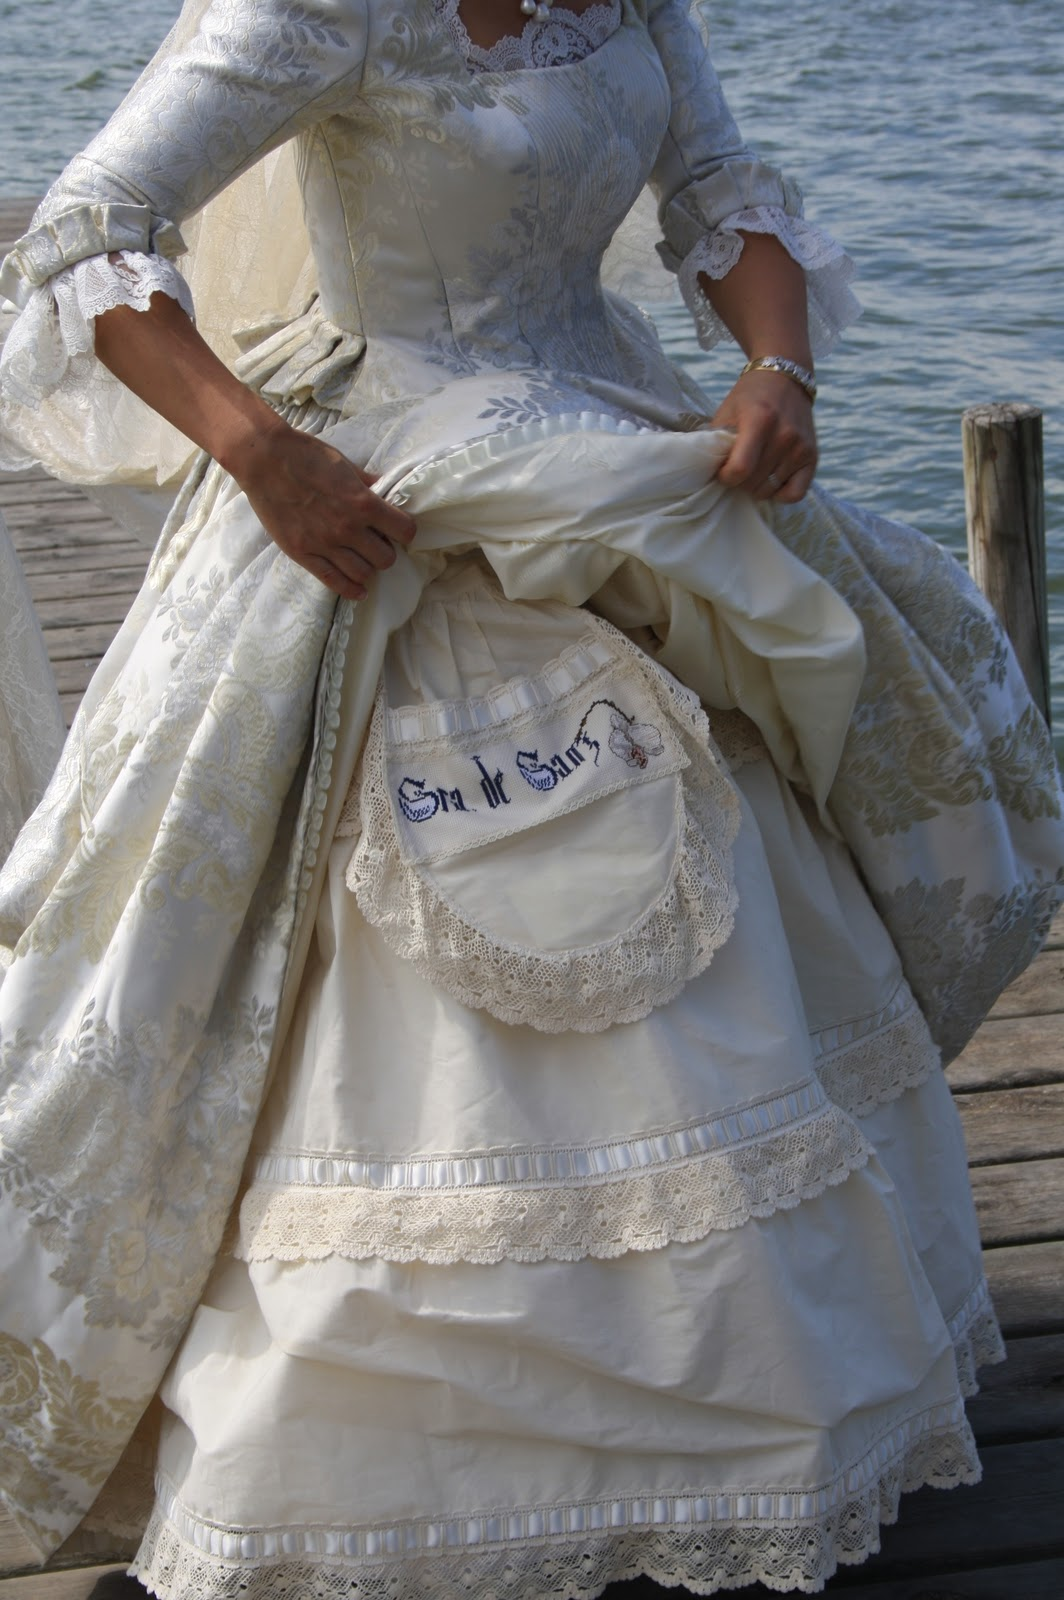 Bajo falda de una guapa mujer - 2 part 9